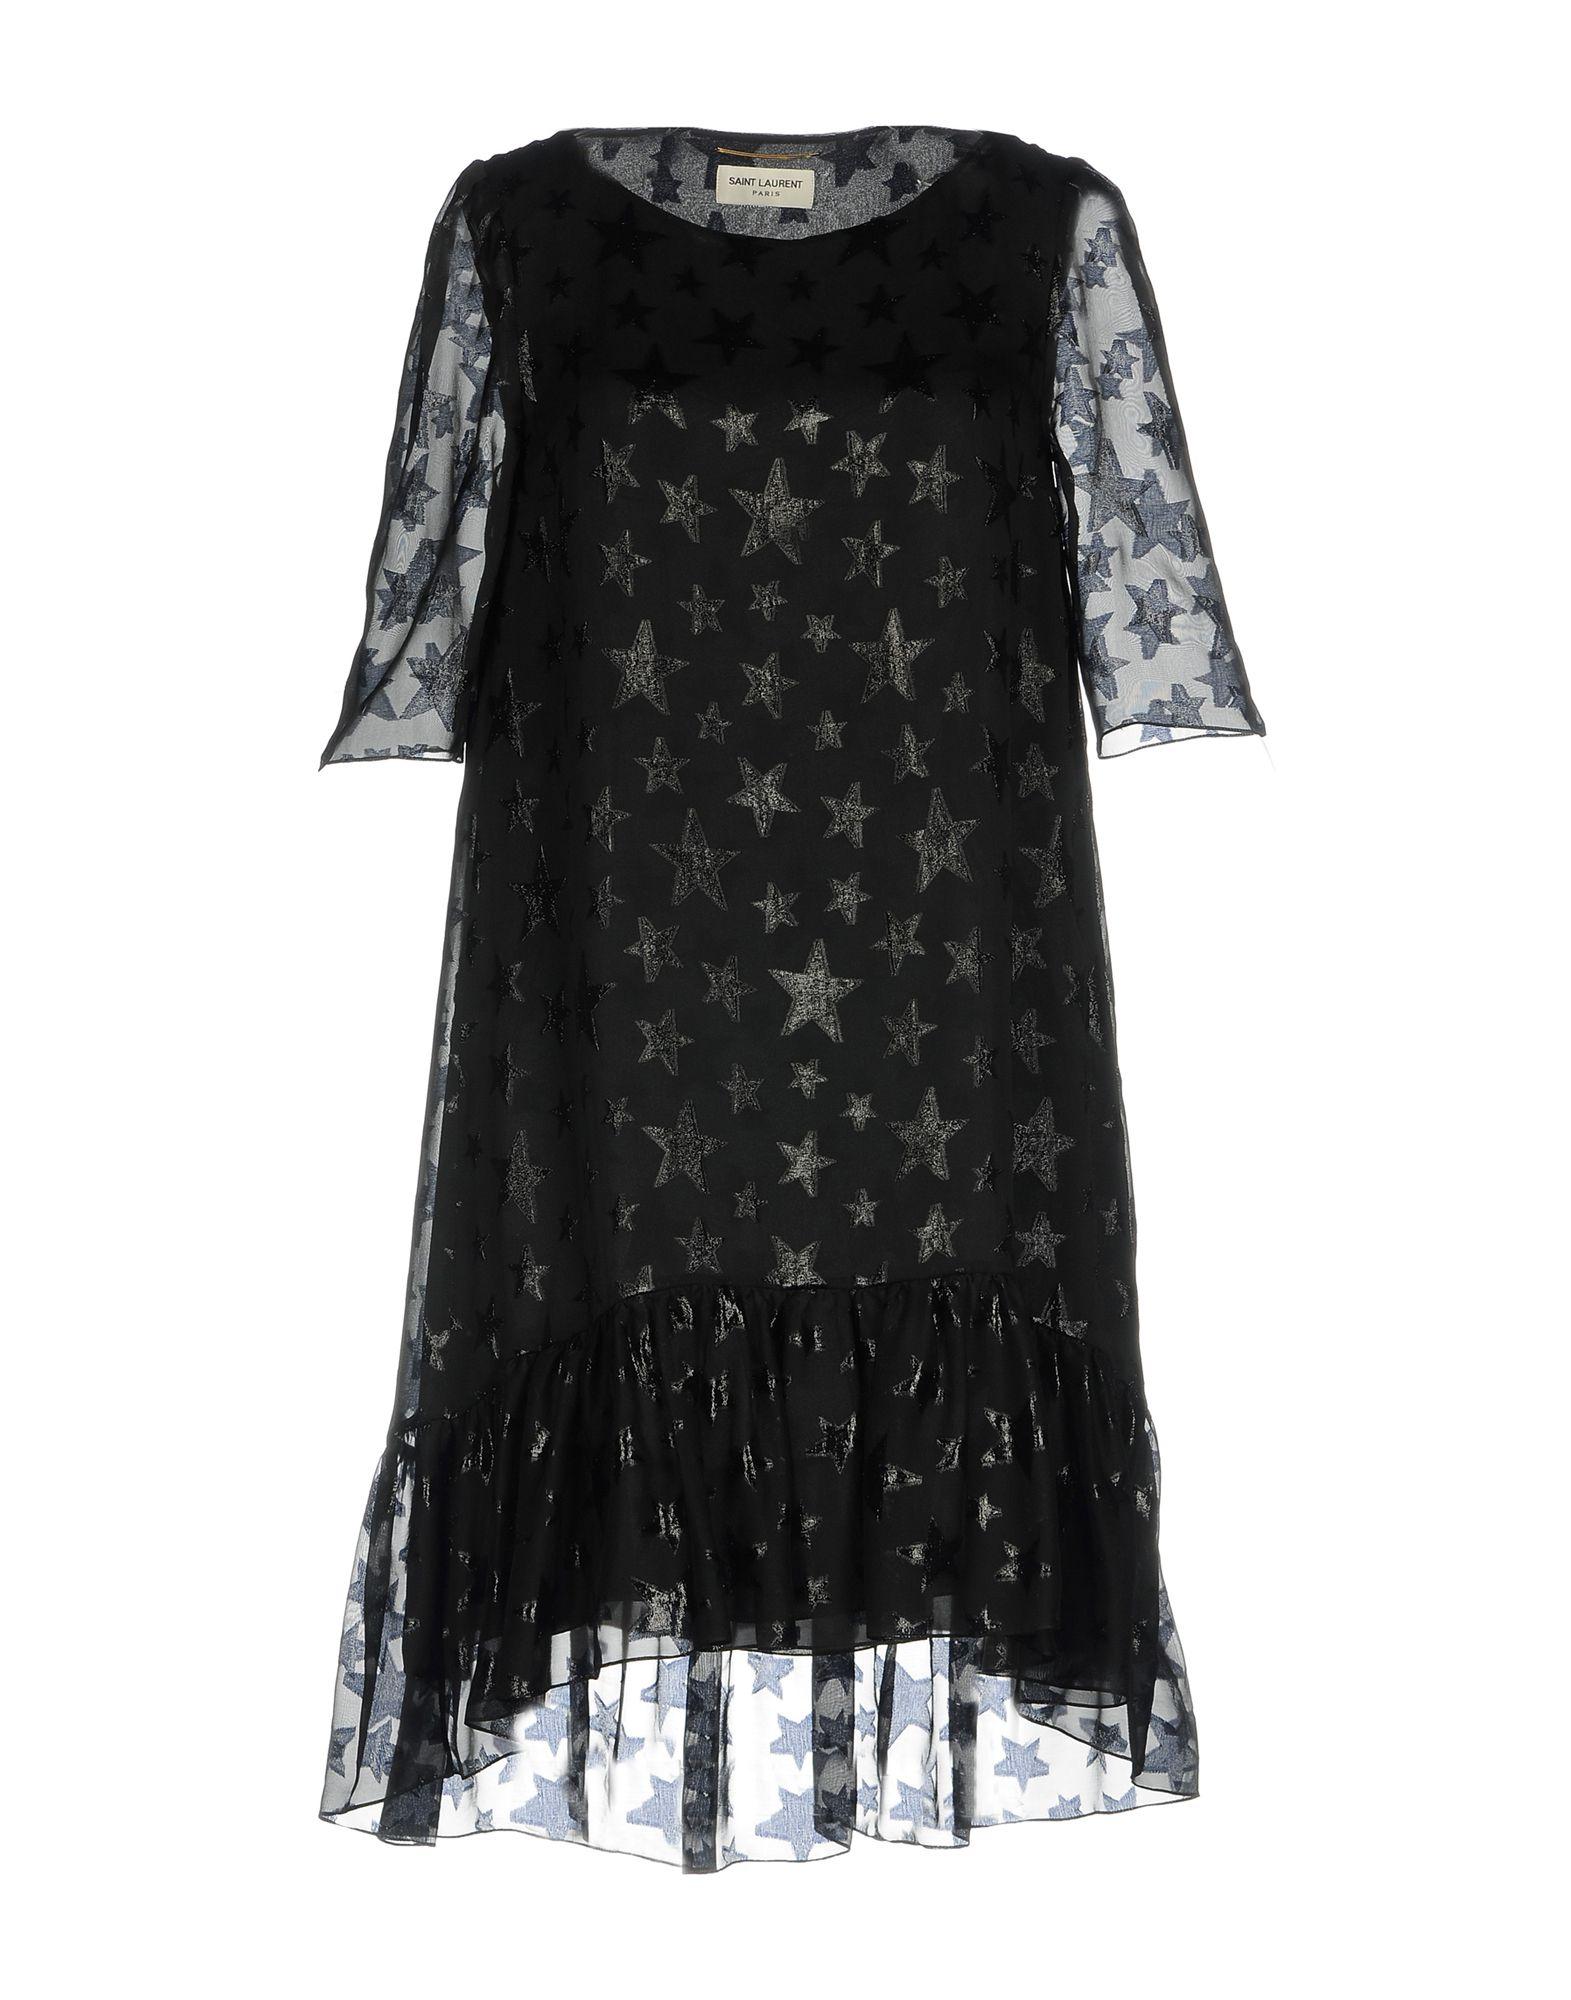 586e8bec8939 SAINT LAURENT - Γυναικεία Φορέματα - Σελίδα 1